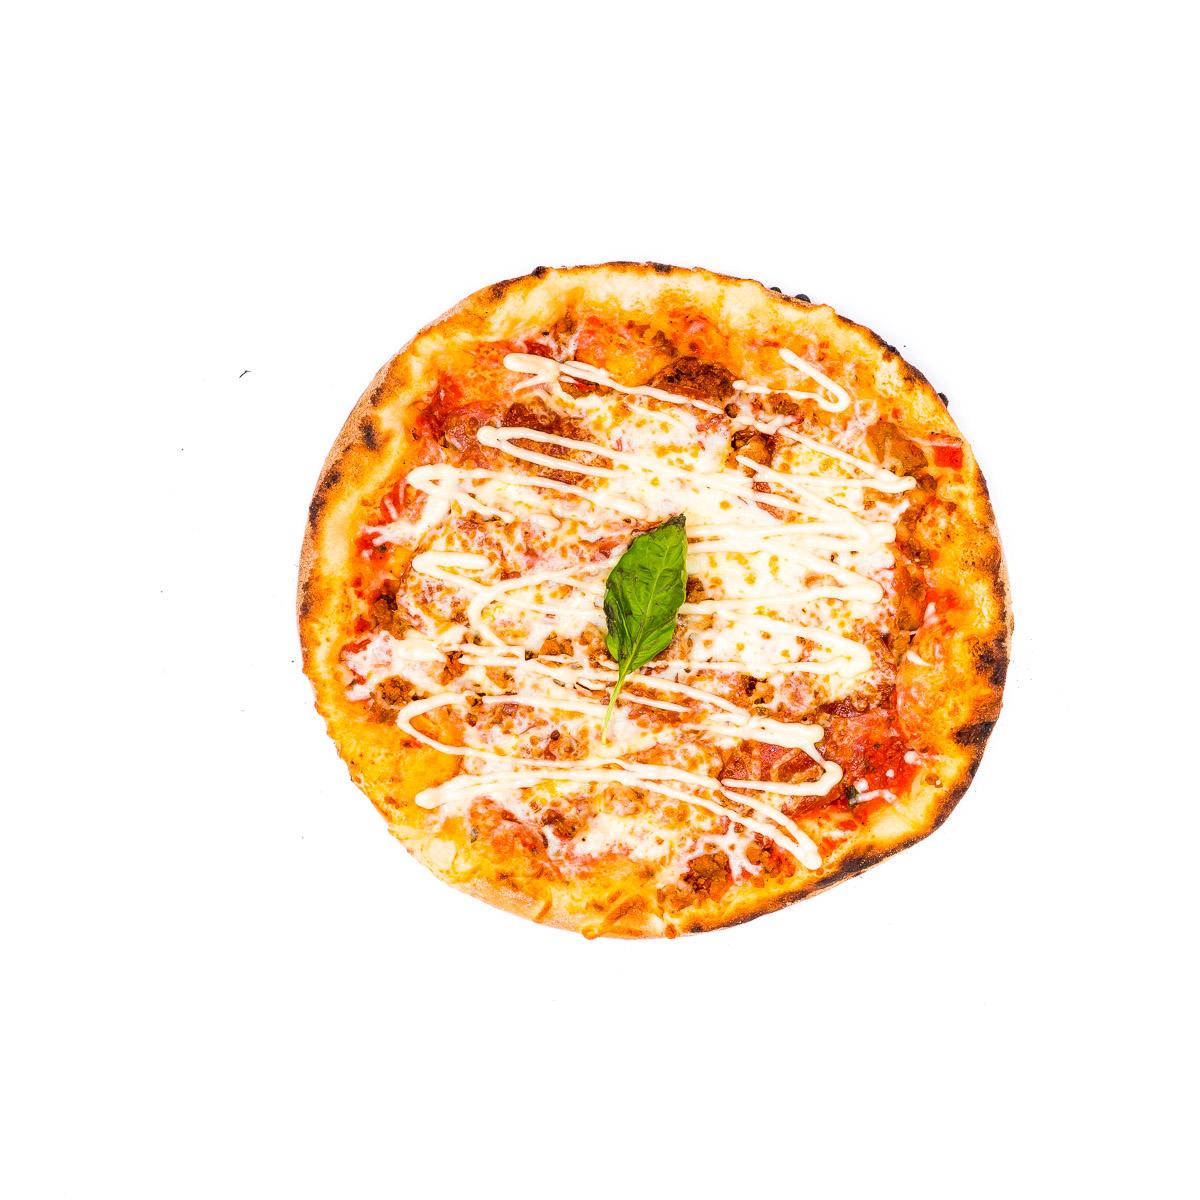 pizzas-14.jpg